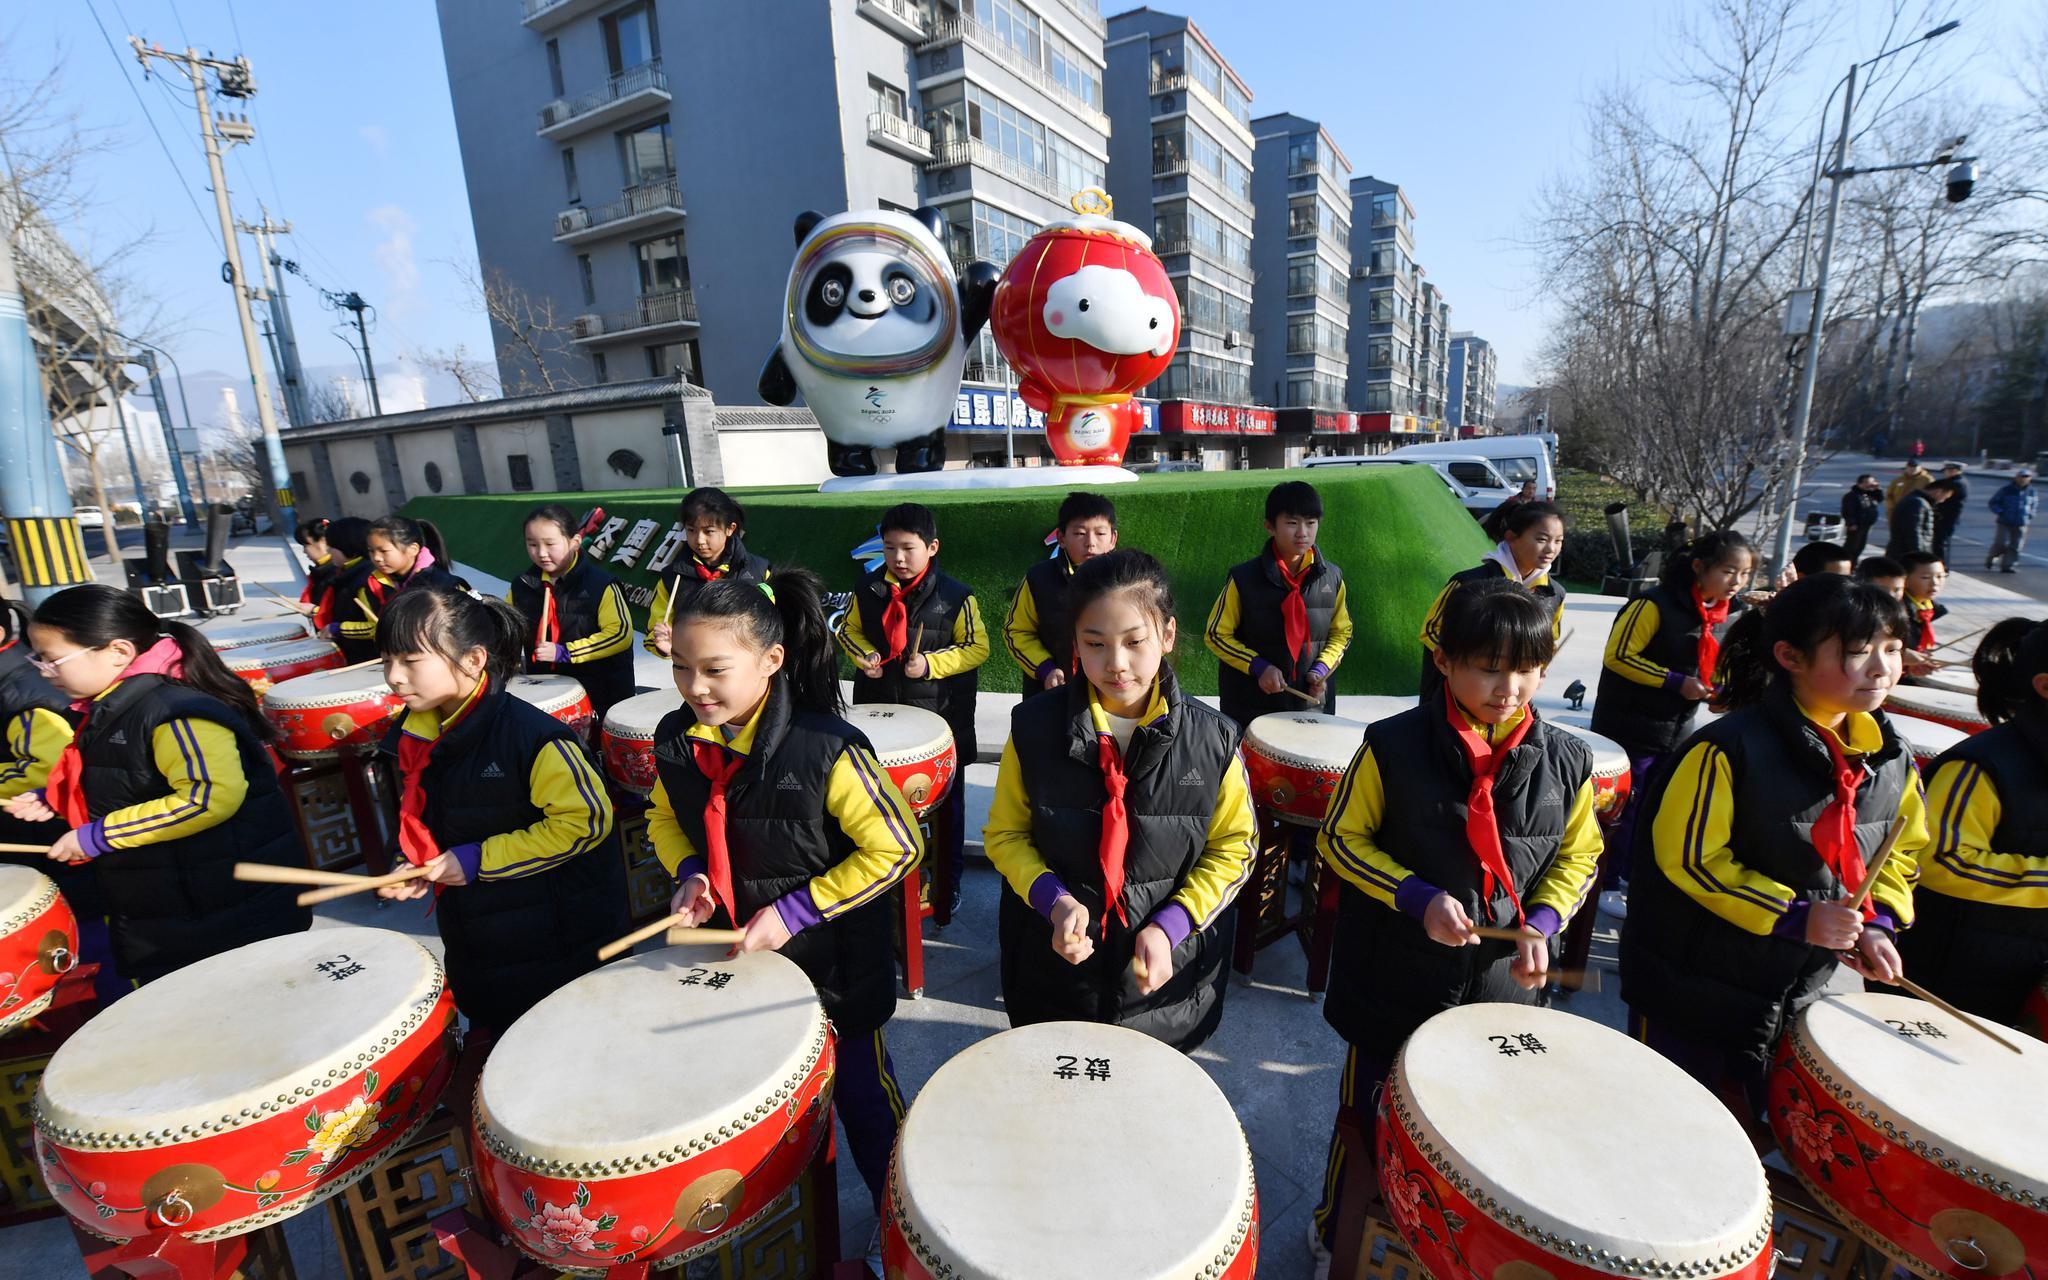 石景山全民冰雪嘉年华开幕,北京冬奥吉祥物落户冬奥社区图片